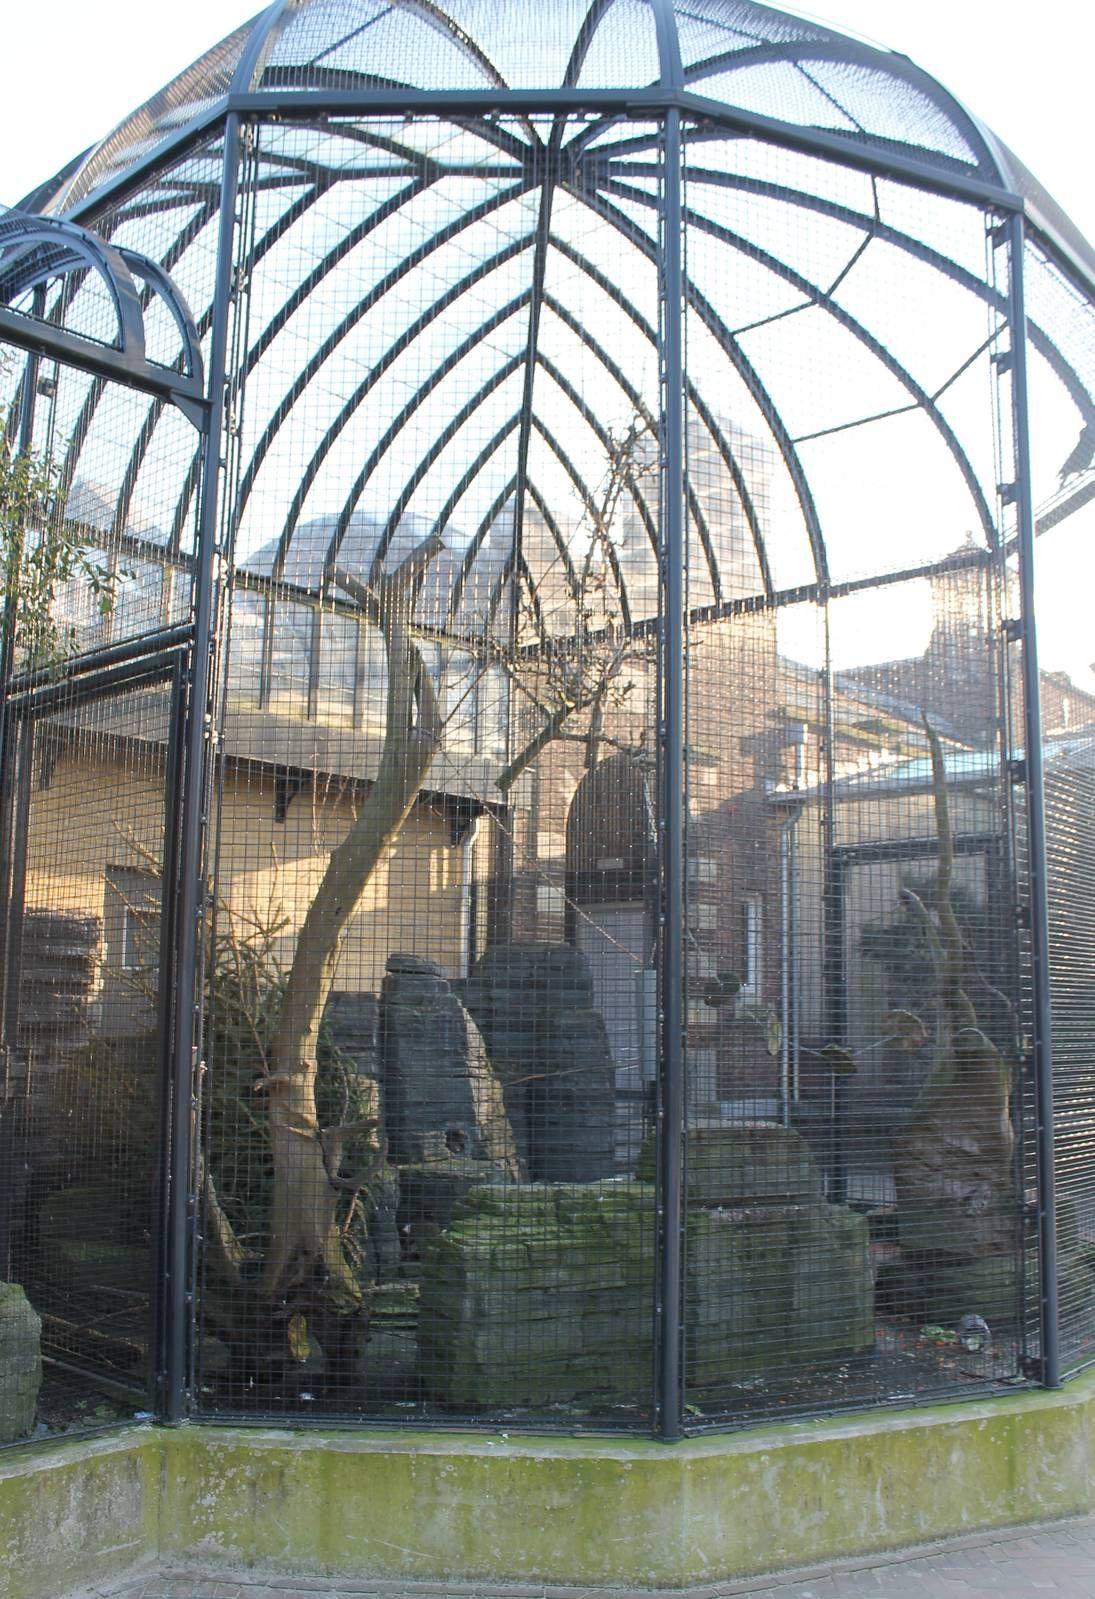 Outdoor Aviary Kea Zoochat Bird Aviary Aviary Pet Bird Cage